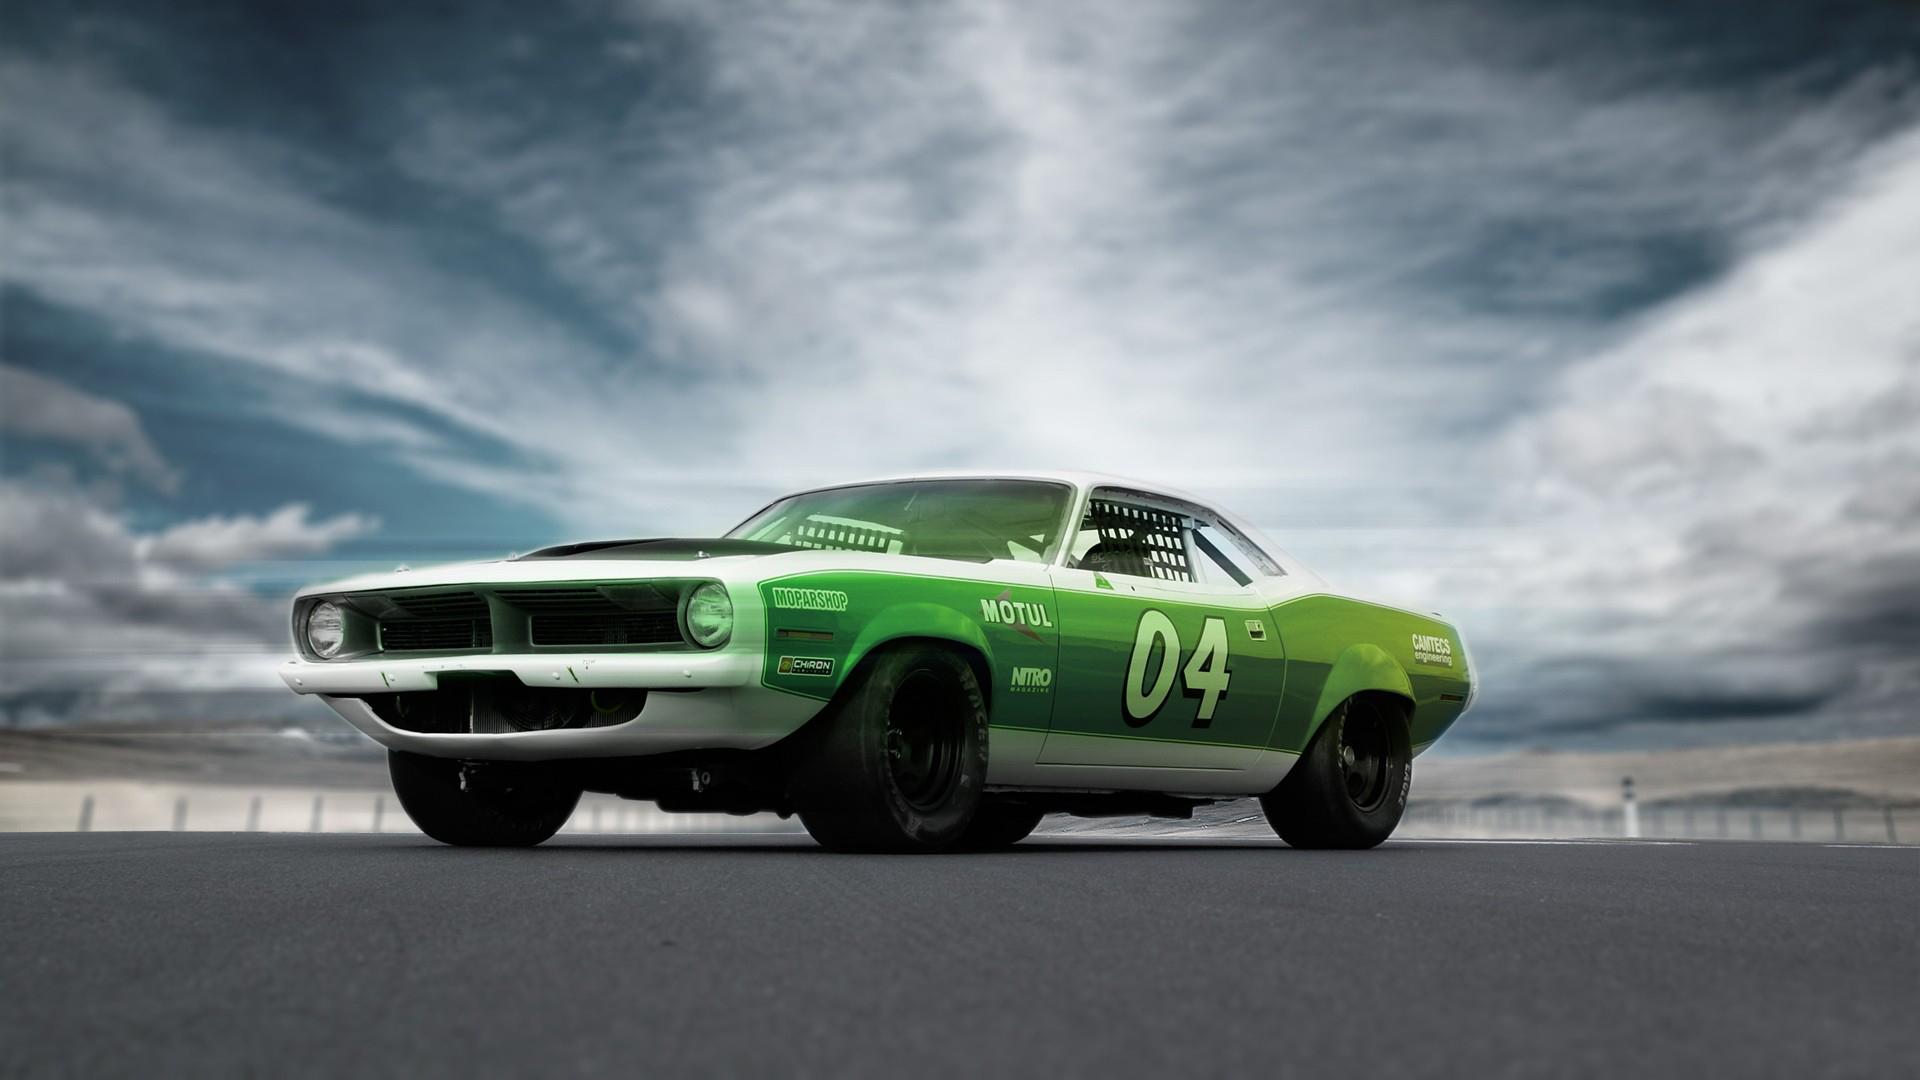 HD Wallpapers Classic Cars - WallpaperSafari